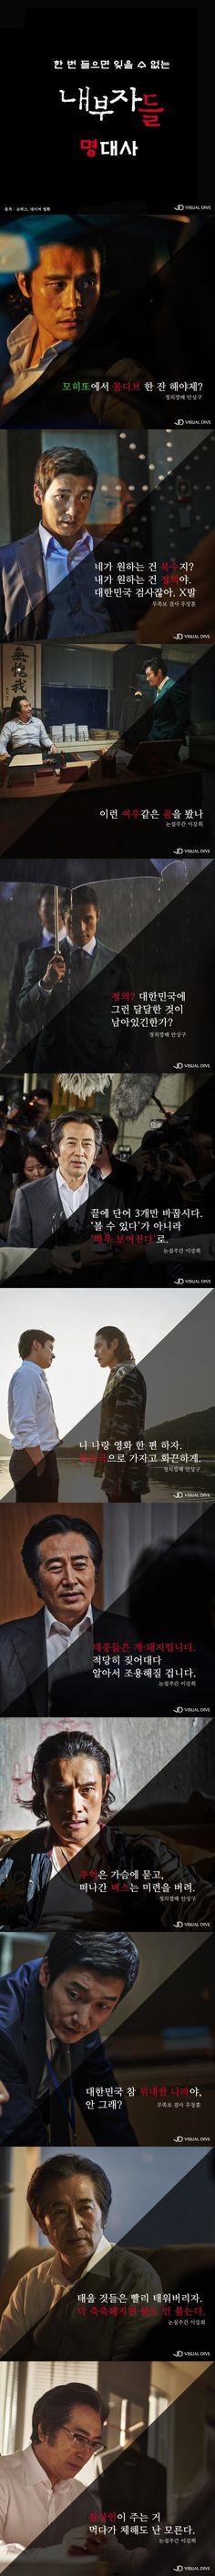 화끈·강렬한 내부자들 명대사 [카드뉴스] #Movie / #Cardnews ⓒ 비주얼다이브 무단 복사·전재·재배포 금지